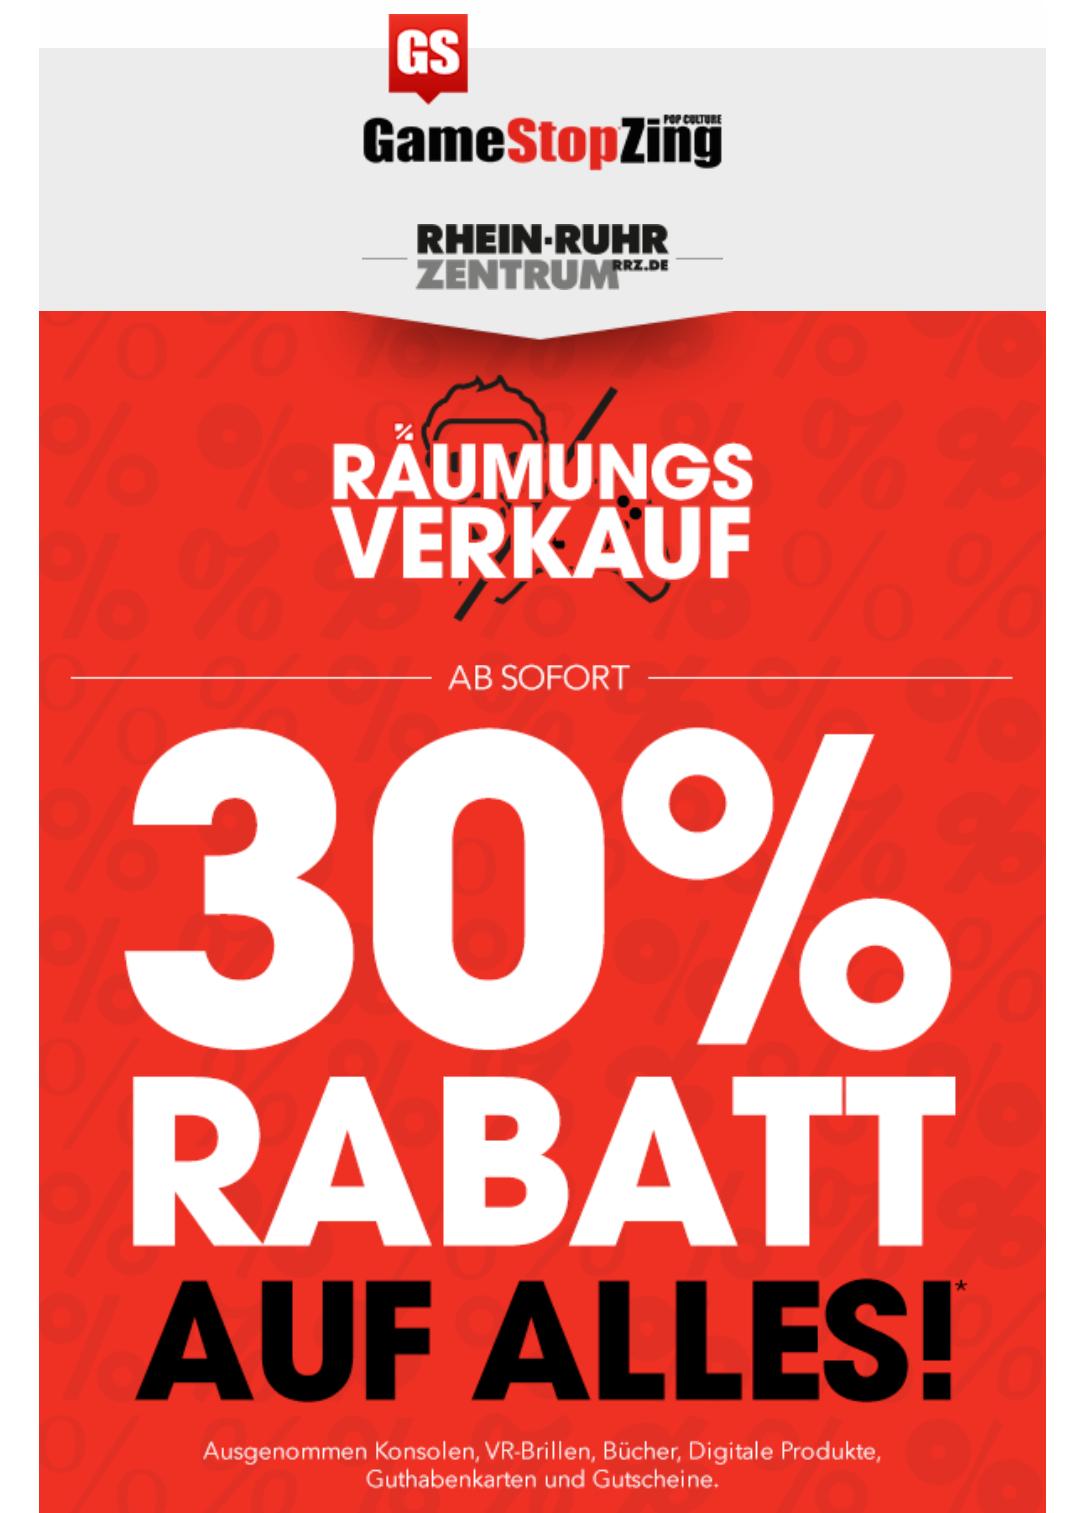 [GameStop Mülheim] 30% auf Alles